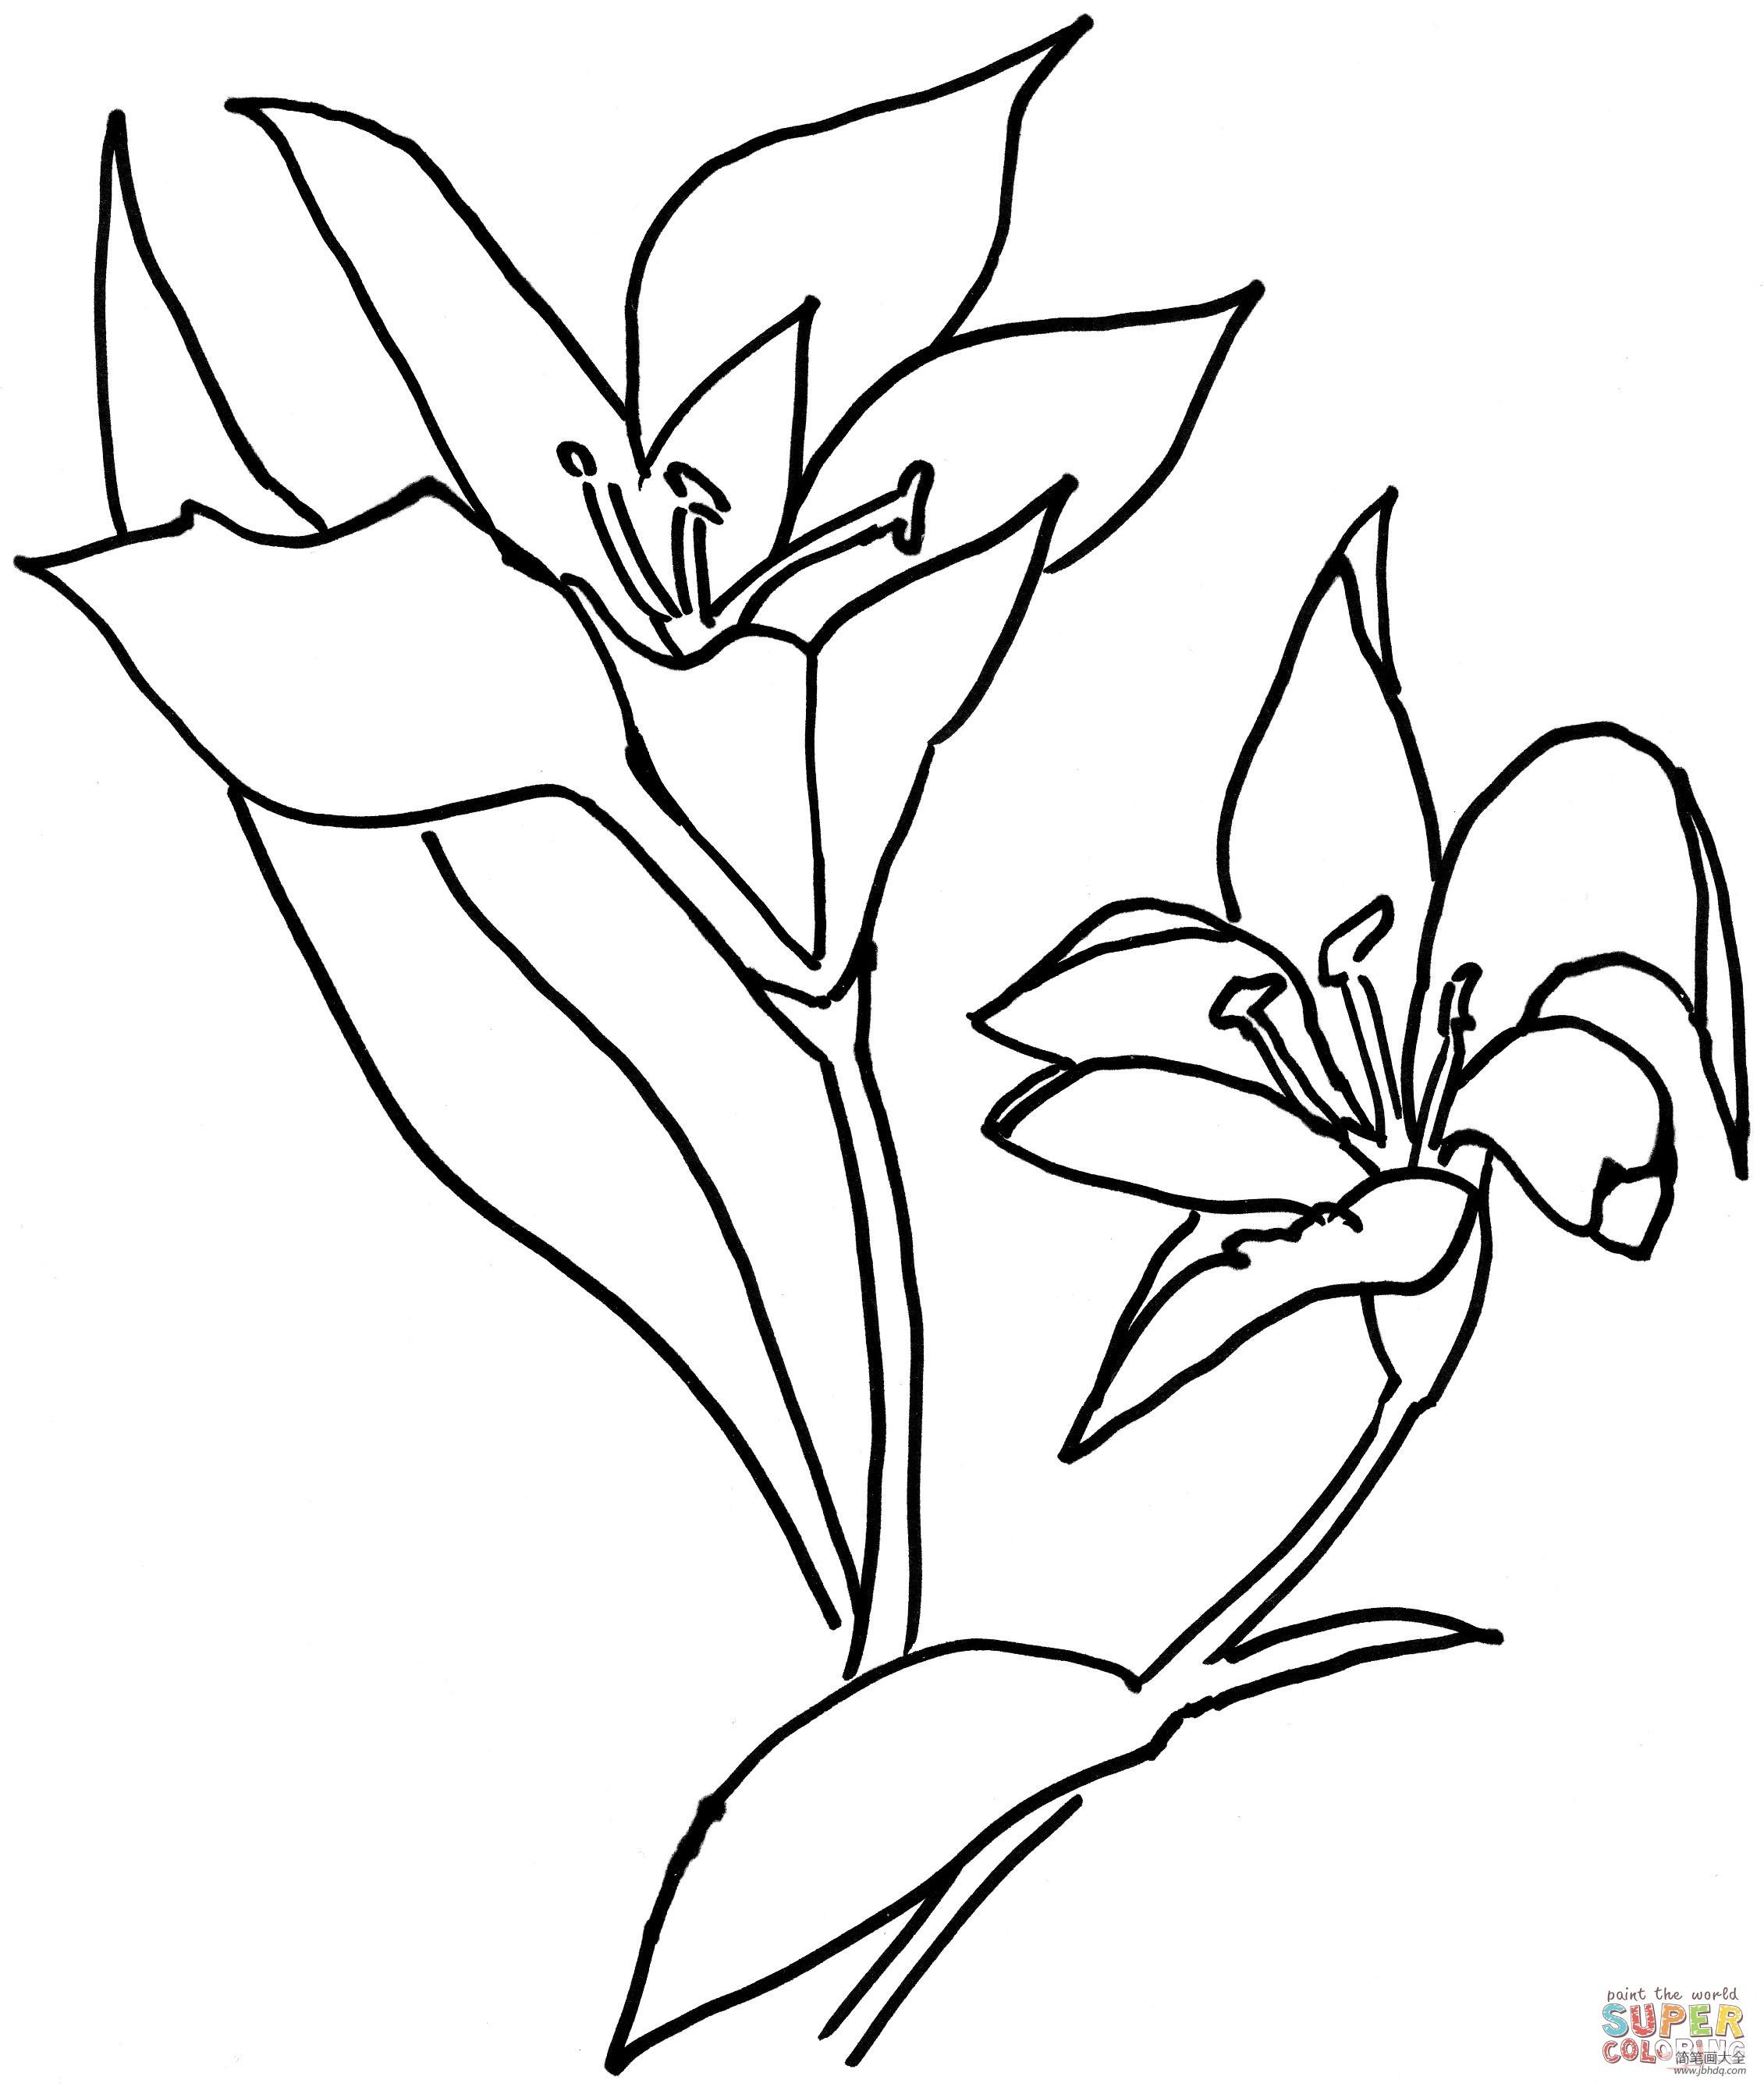 [百合花怎么画简单好看]百合花怎么画